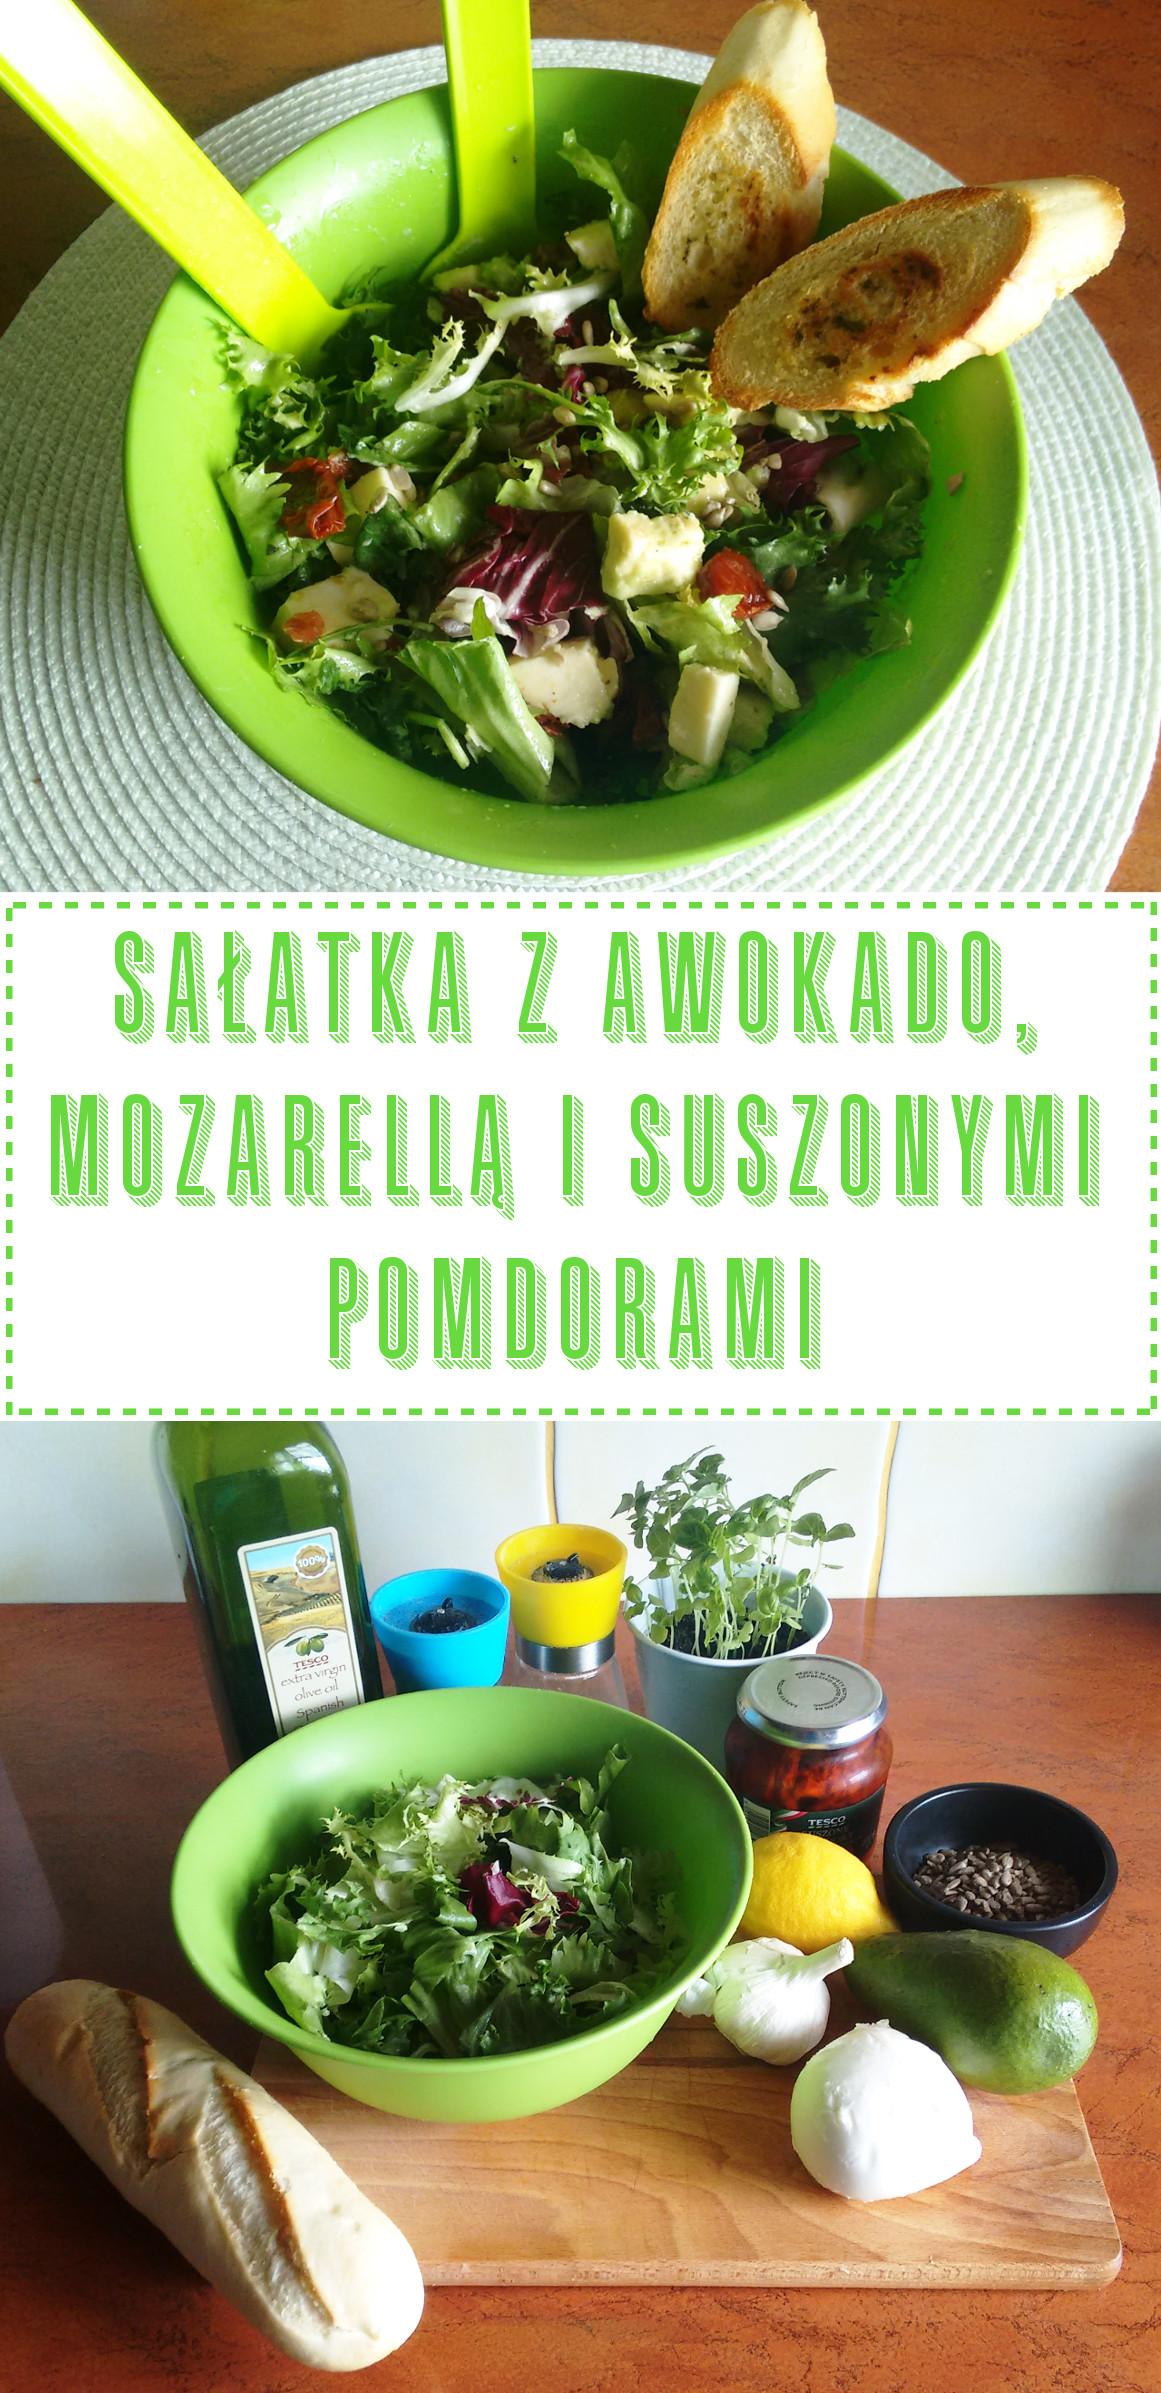 Przepis na sałatkę z awokado, mozzarellą i suszonymi pomidorami